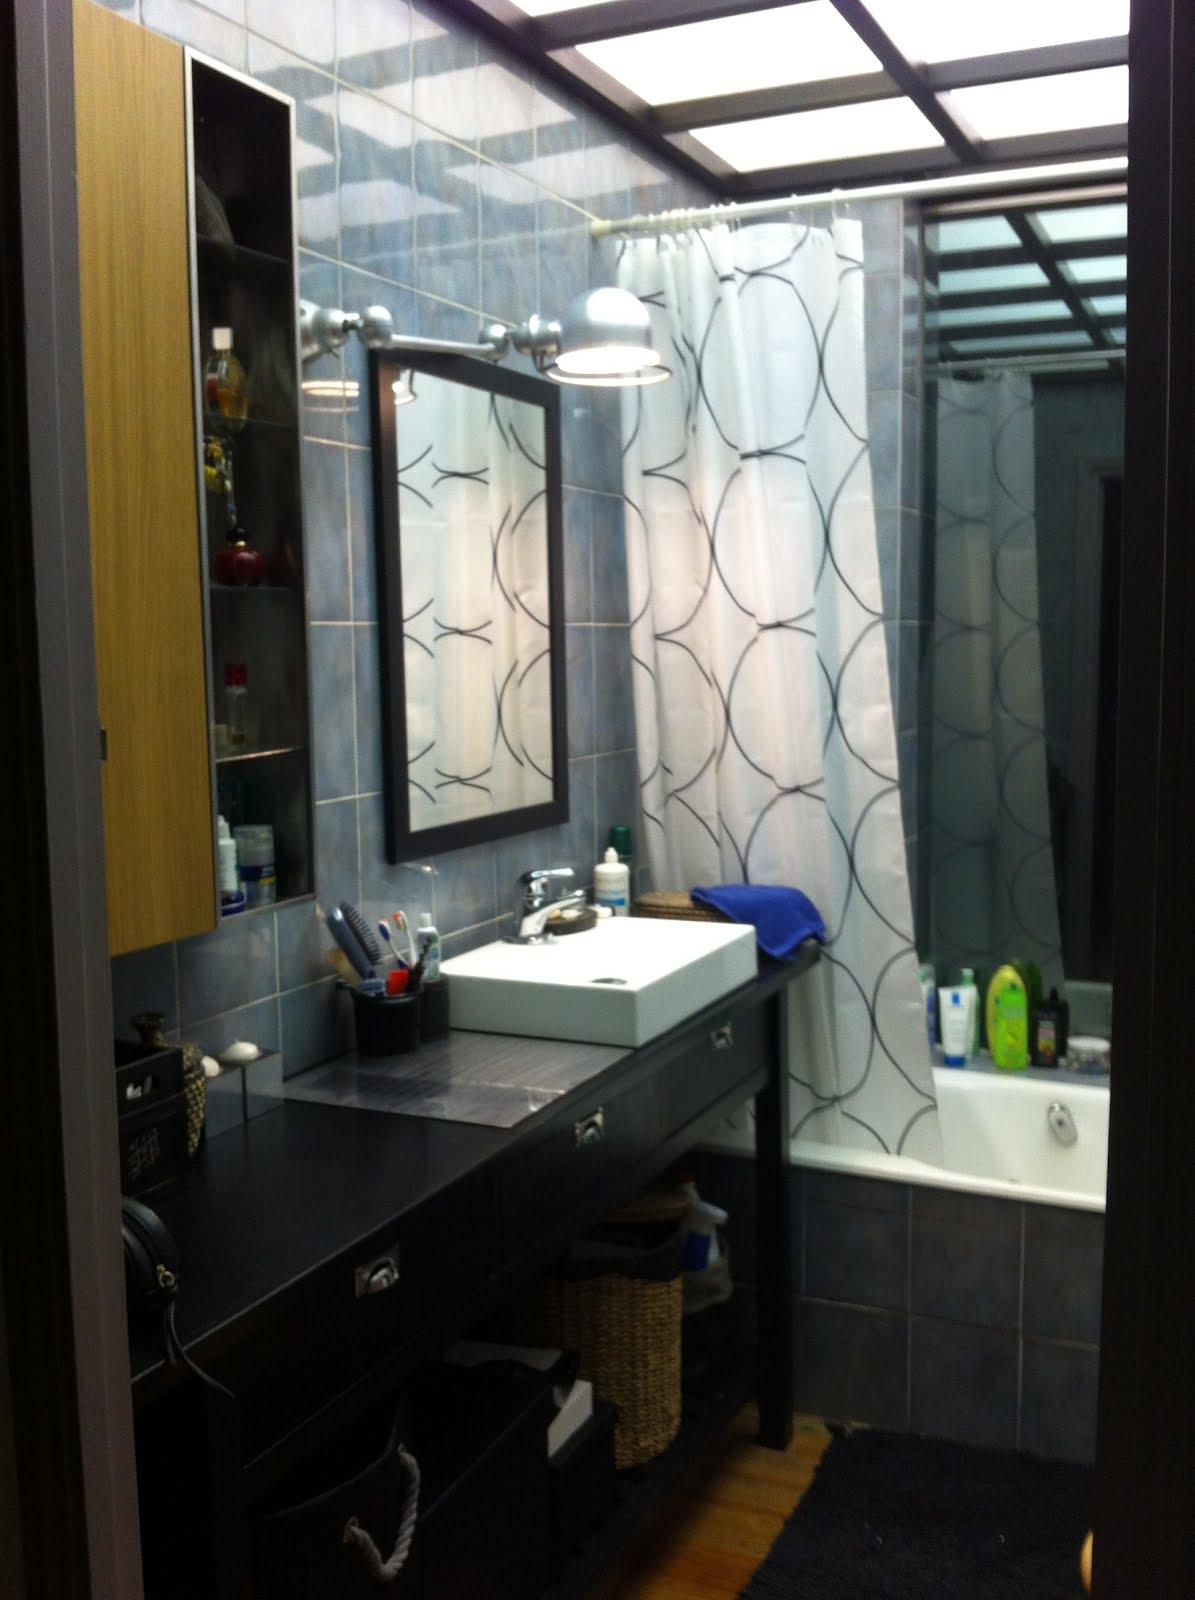 norden becames industrial bathroom